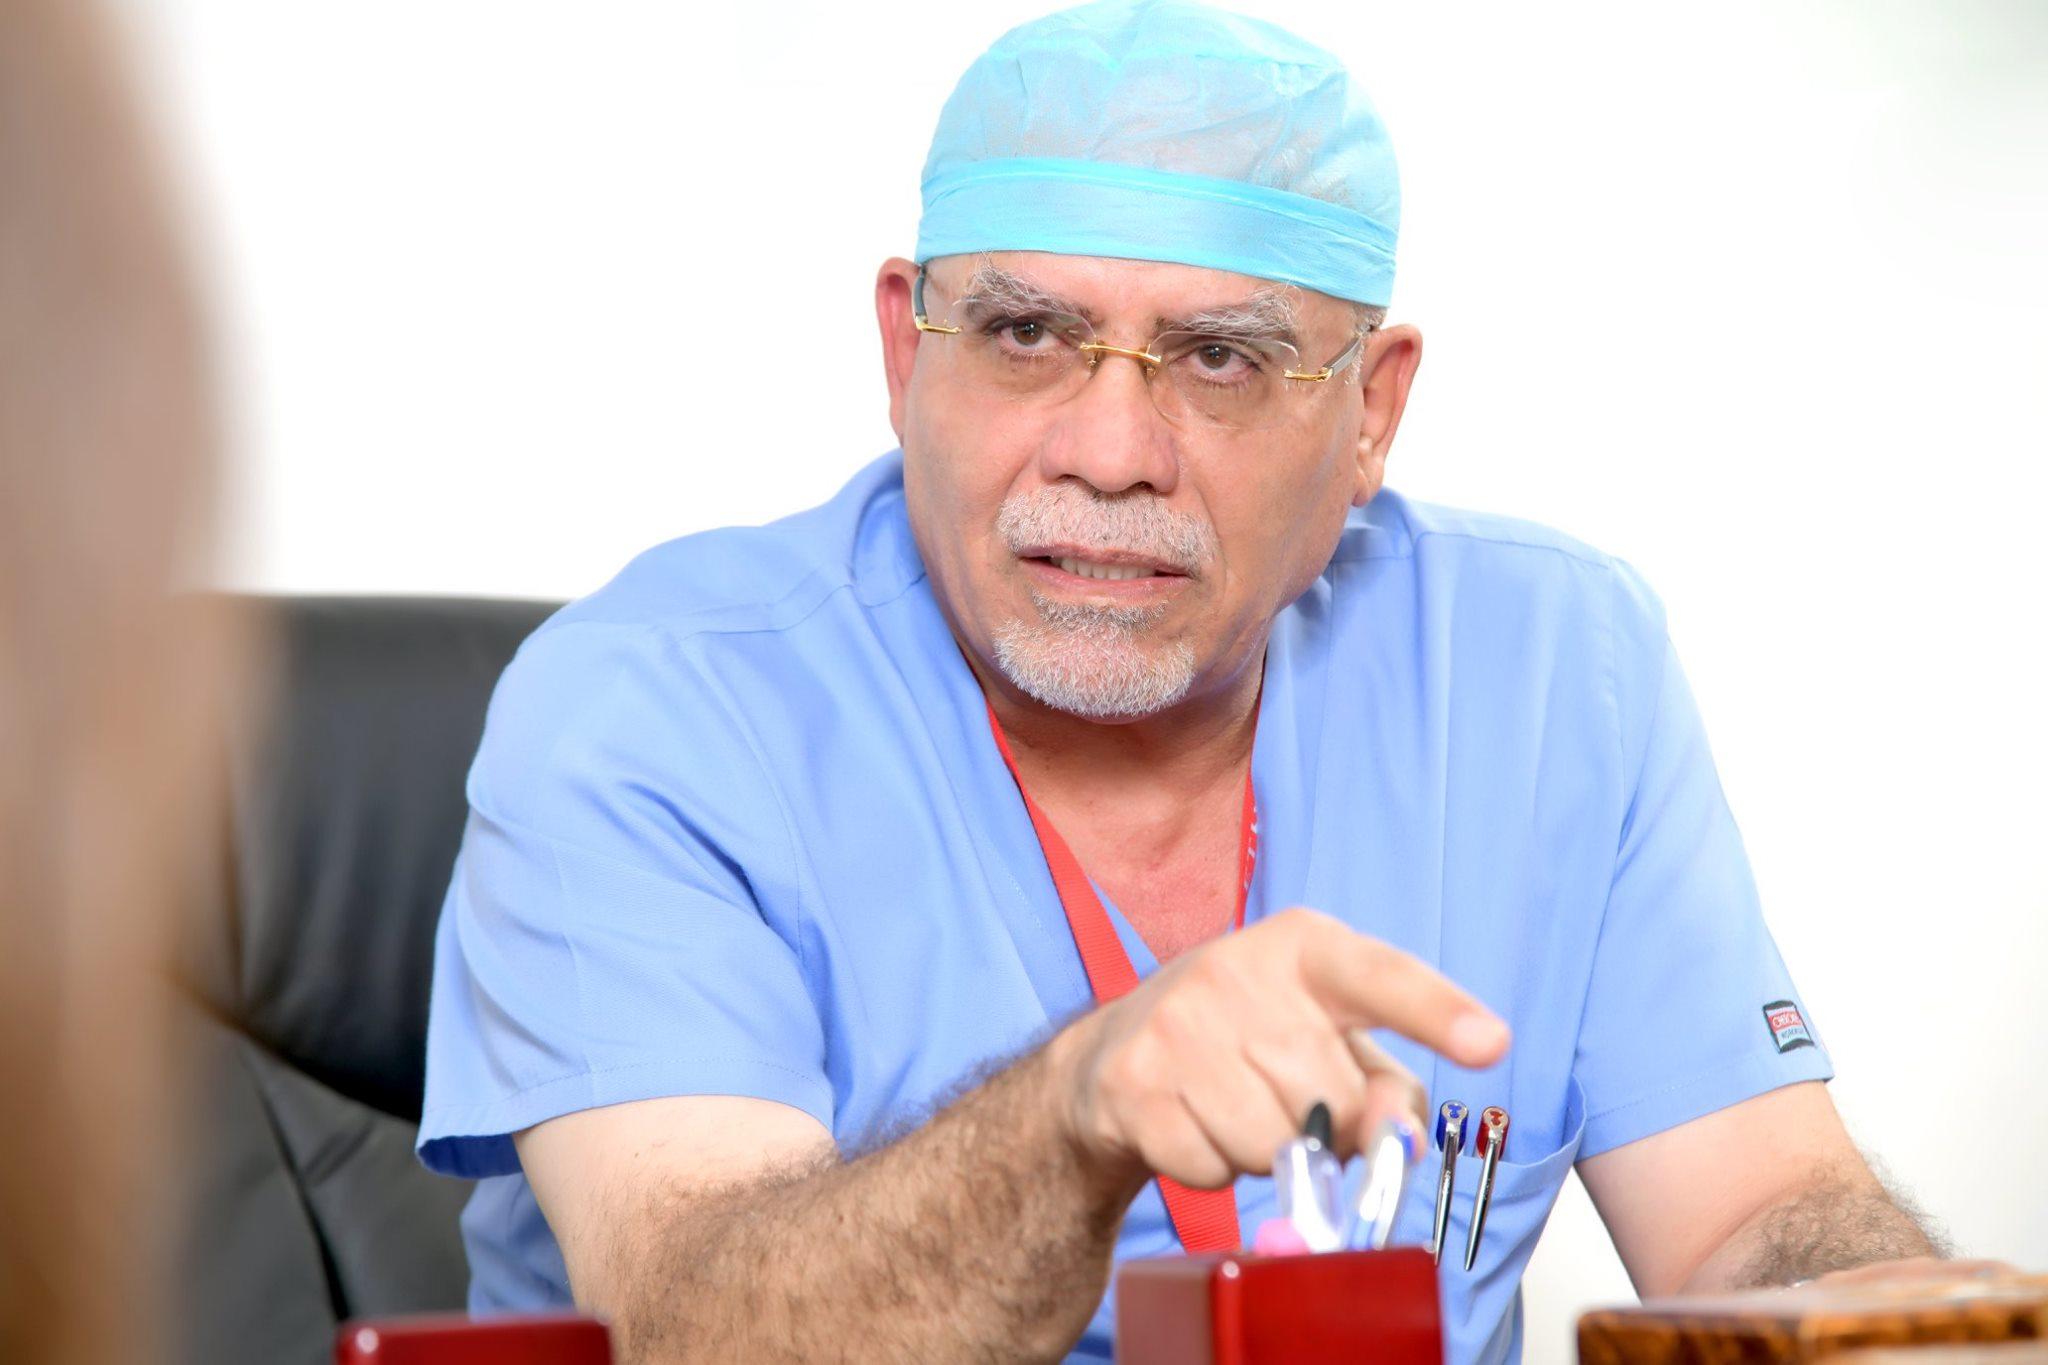 الدكتور محمد خريس قصة نجاح ابهرت العالم  ..  ومستشفى الكندي ثمرة نجاحه